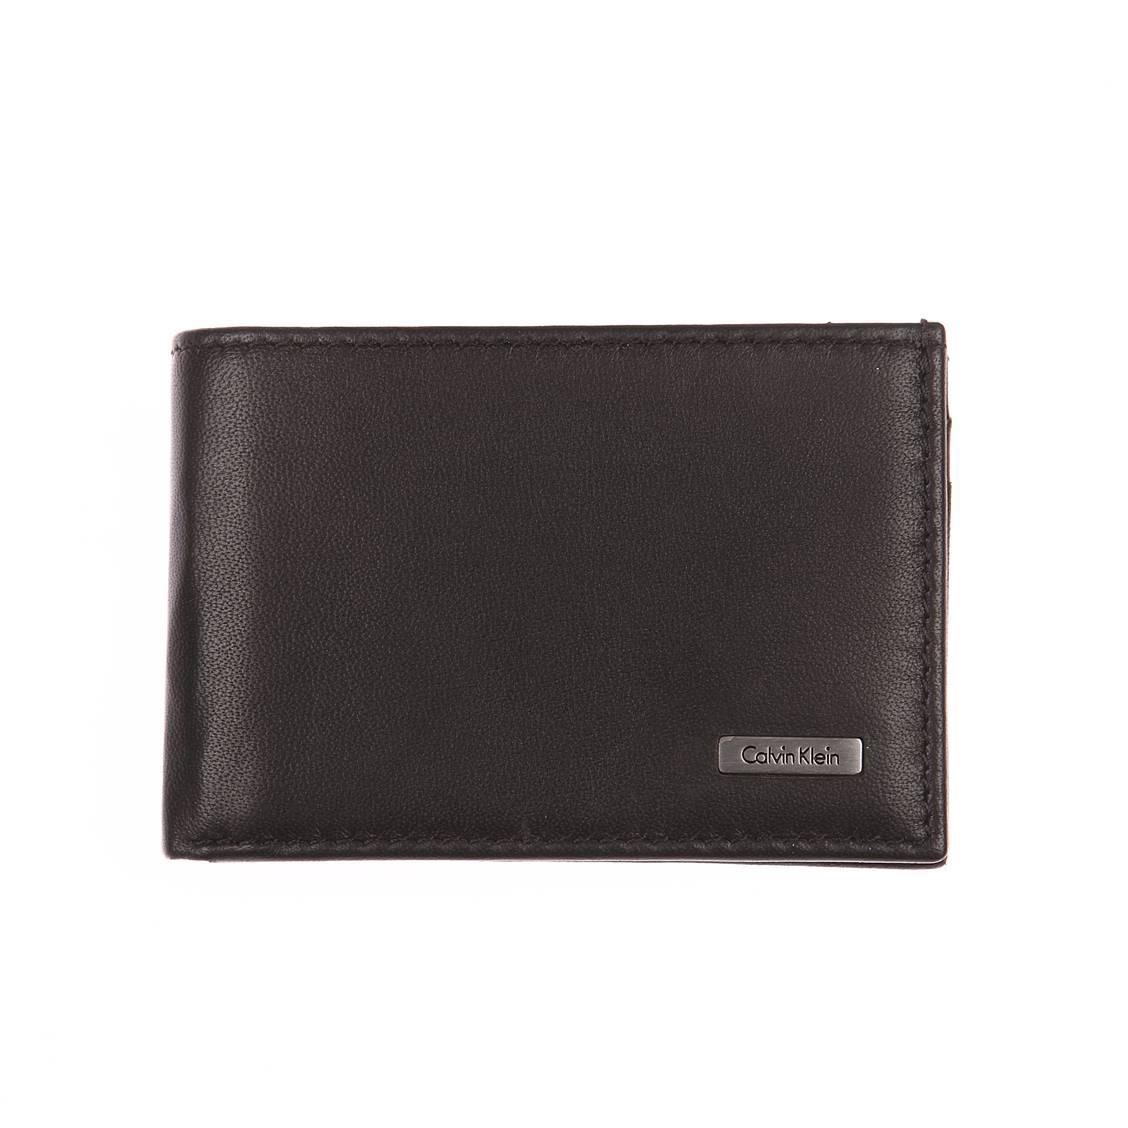 Calvin Klein Portefeuille italien Dex - 4 cartes Noir iQttS2SXGz